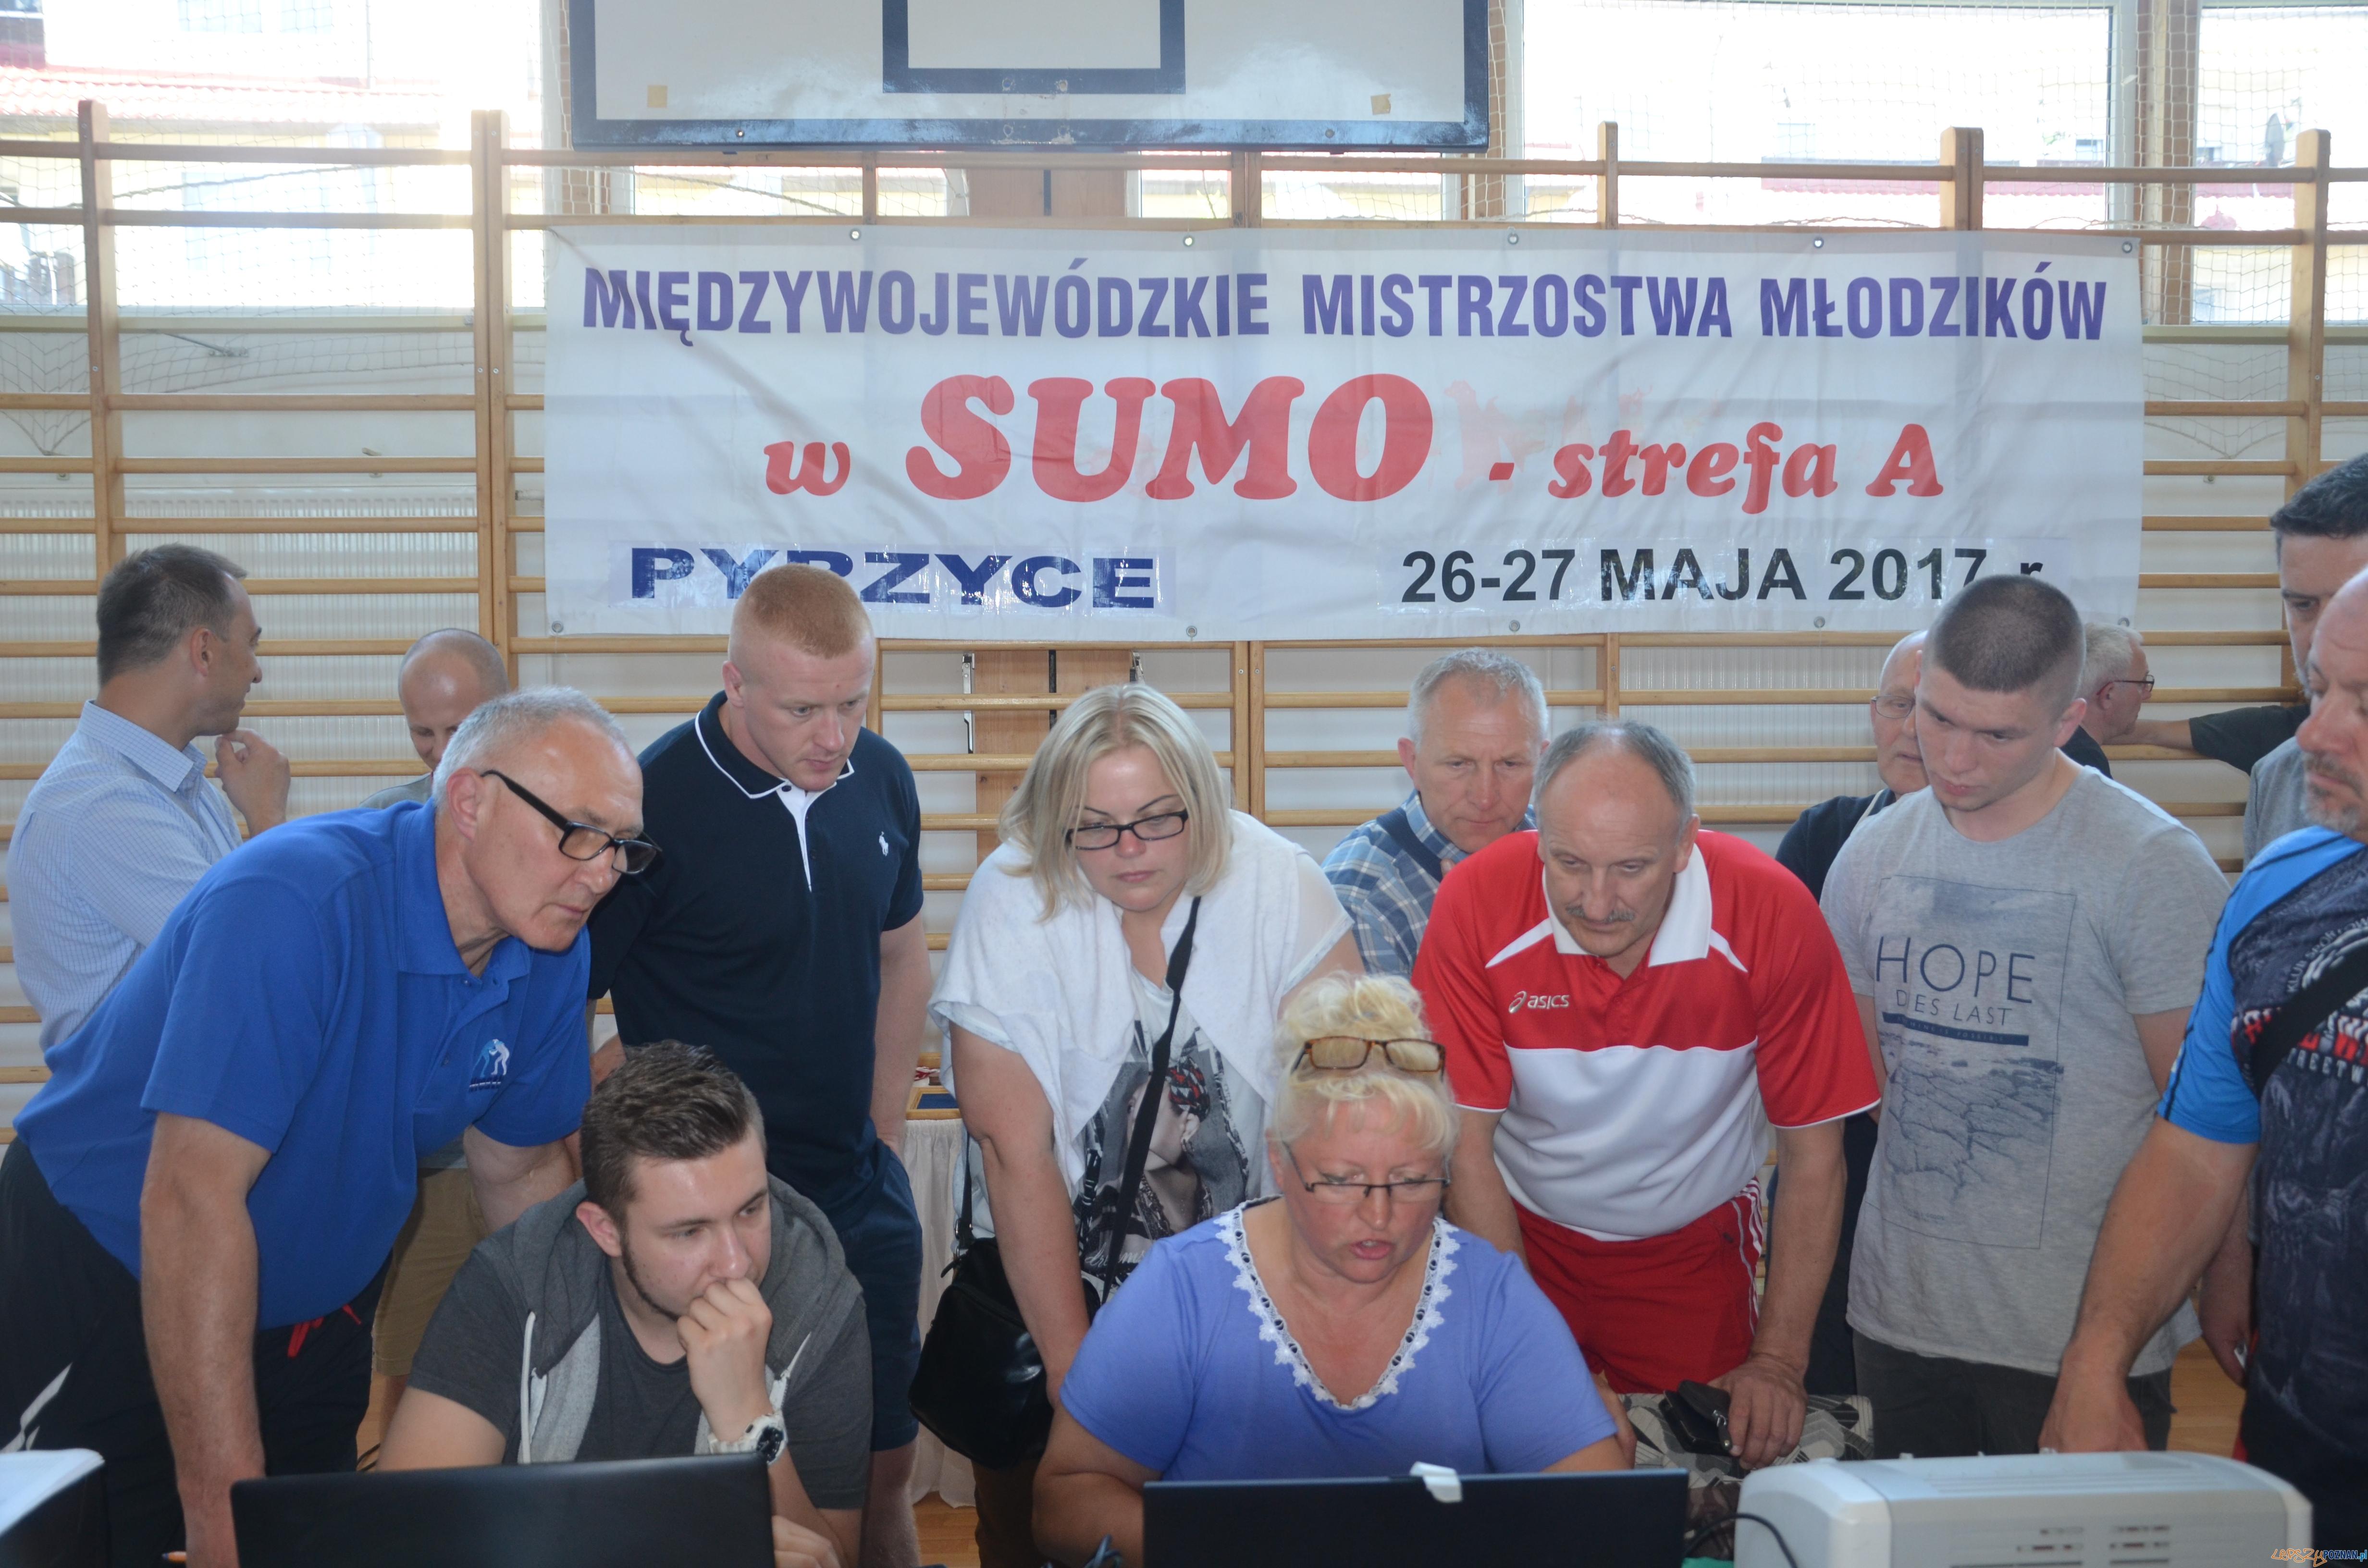 Międzywojewódzkie Mistrzostwa Młodzików w Sumo Perzyce  Foto: KS Sobieski